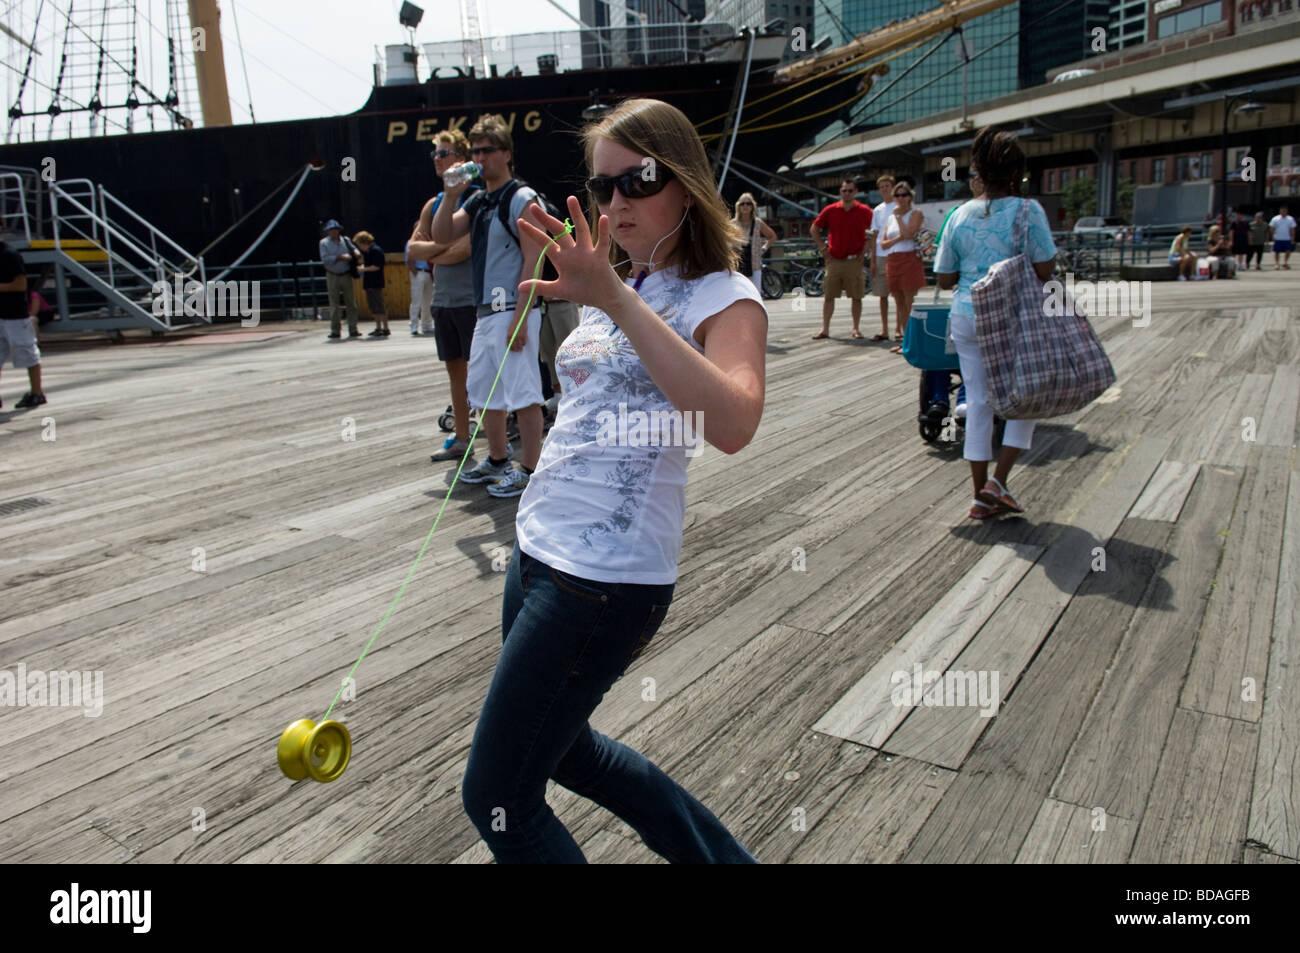 Yo yo players warm up at the 3rd Annual International Yo Yo Open in New York - Stock Image